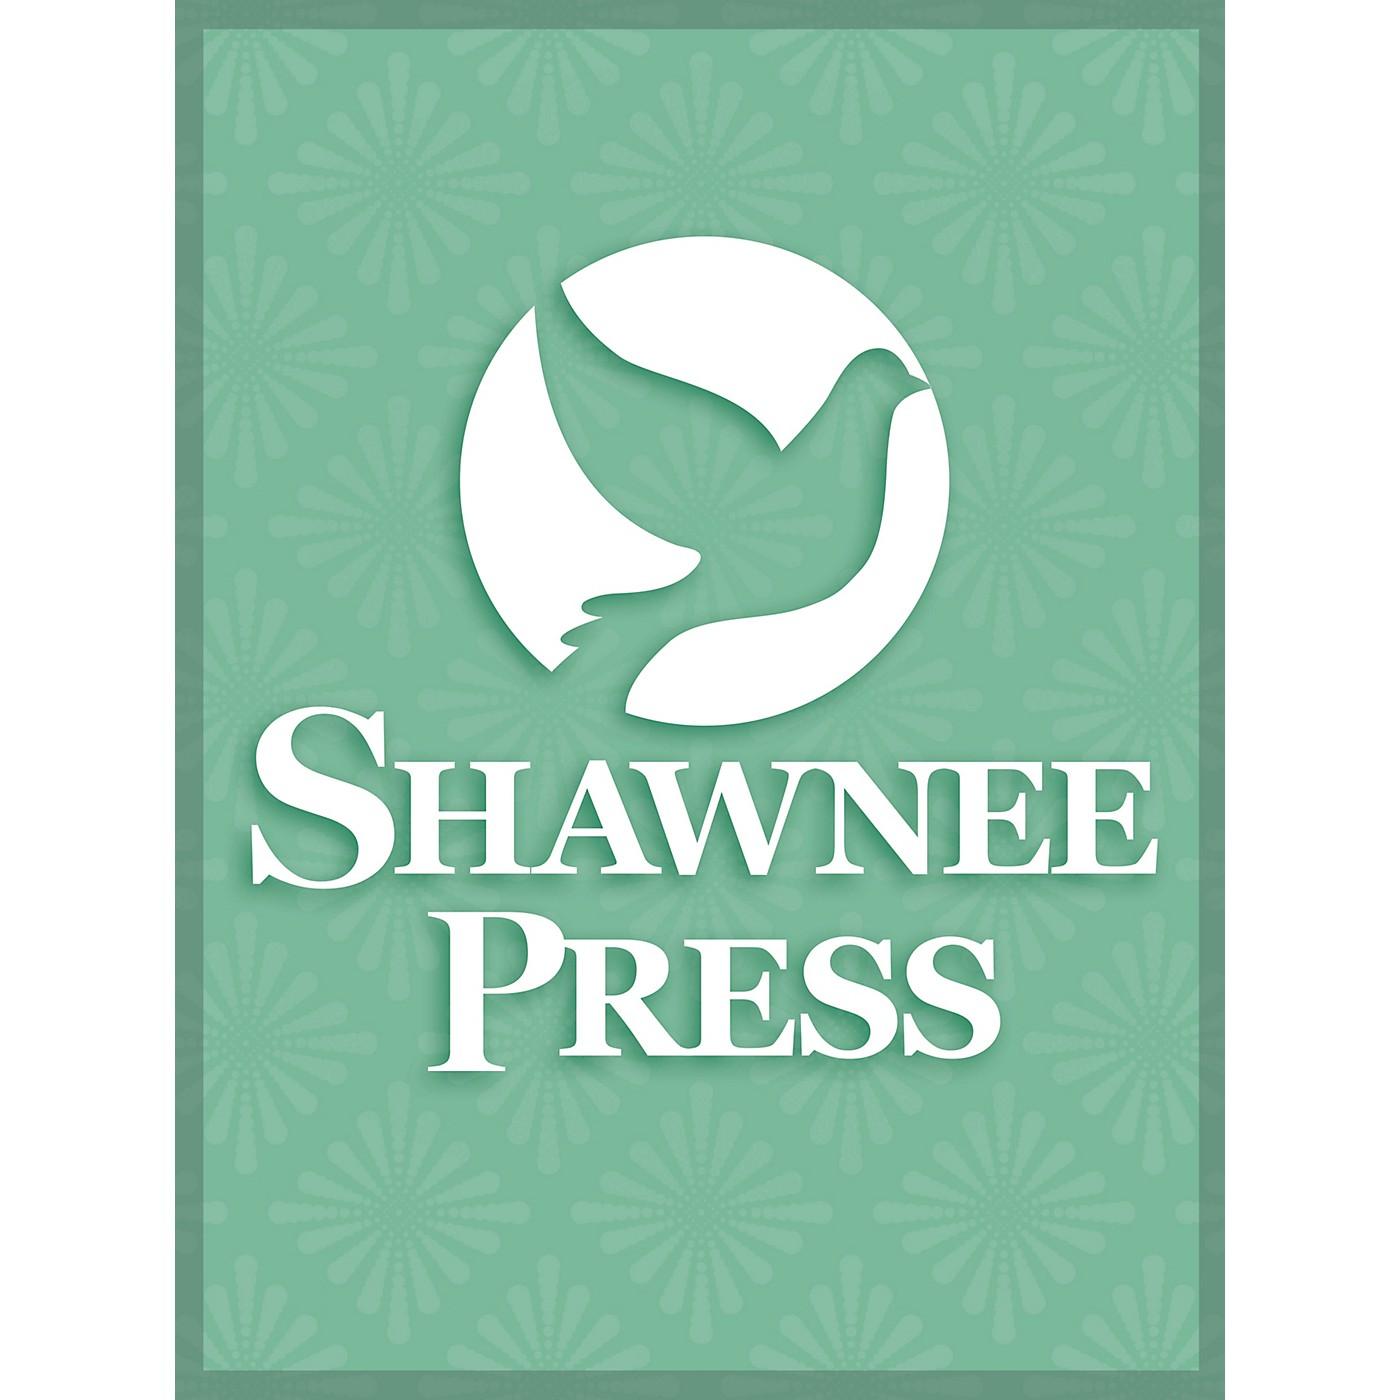 Margun Music Sonata No 3 for Bassoon and Piano (Set Bassoon, Piano) Shawnee Press Series thumbnail